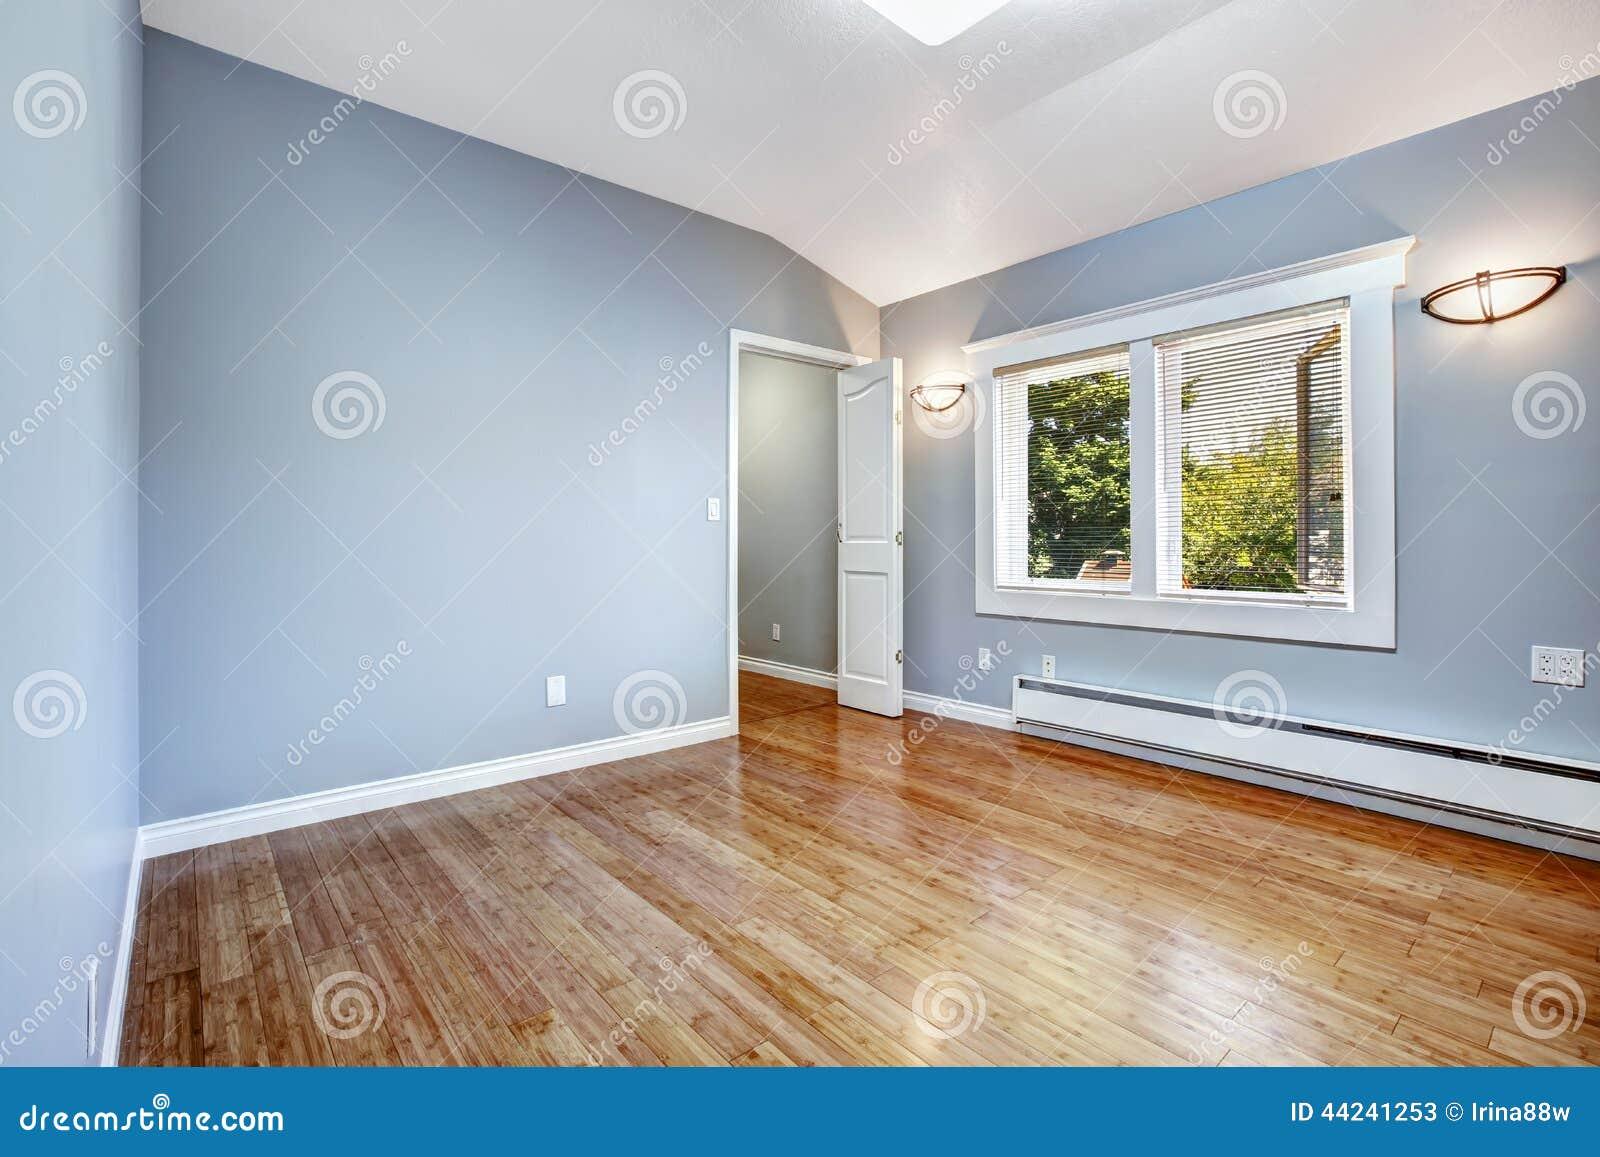 Leeres Schlafzimmer Mit Hellblauen Wänden Stockfoto   Bild: 44241253,  Schlafzimmer Entwurf